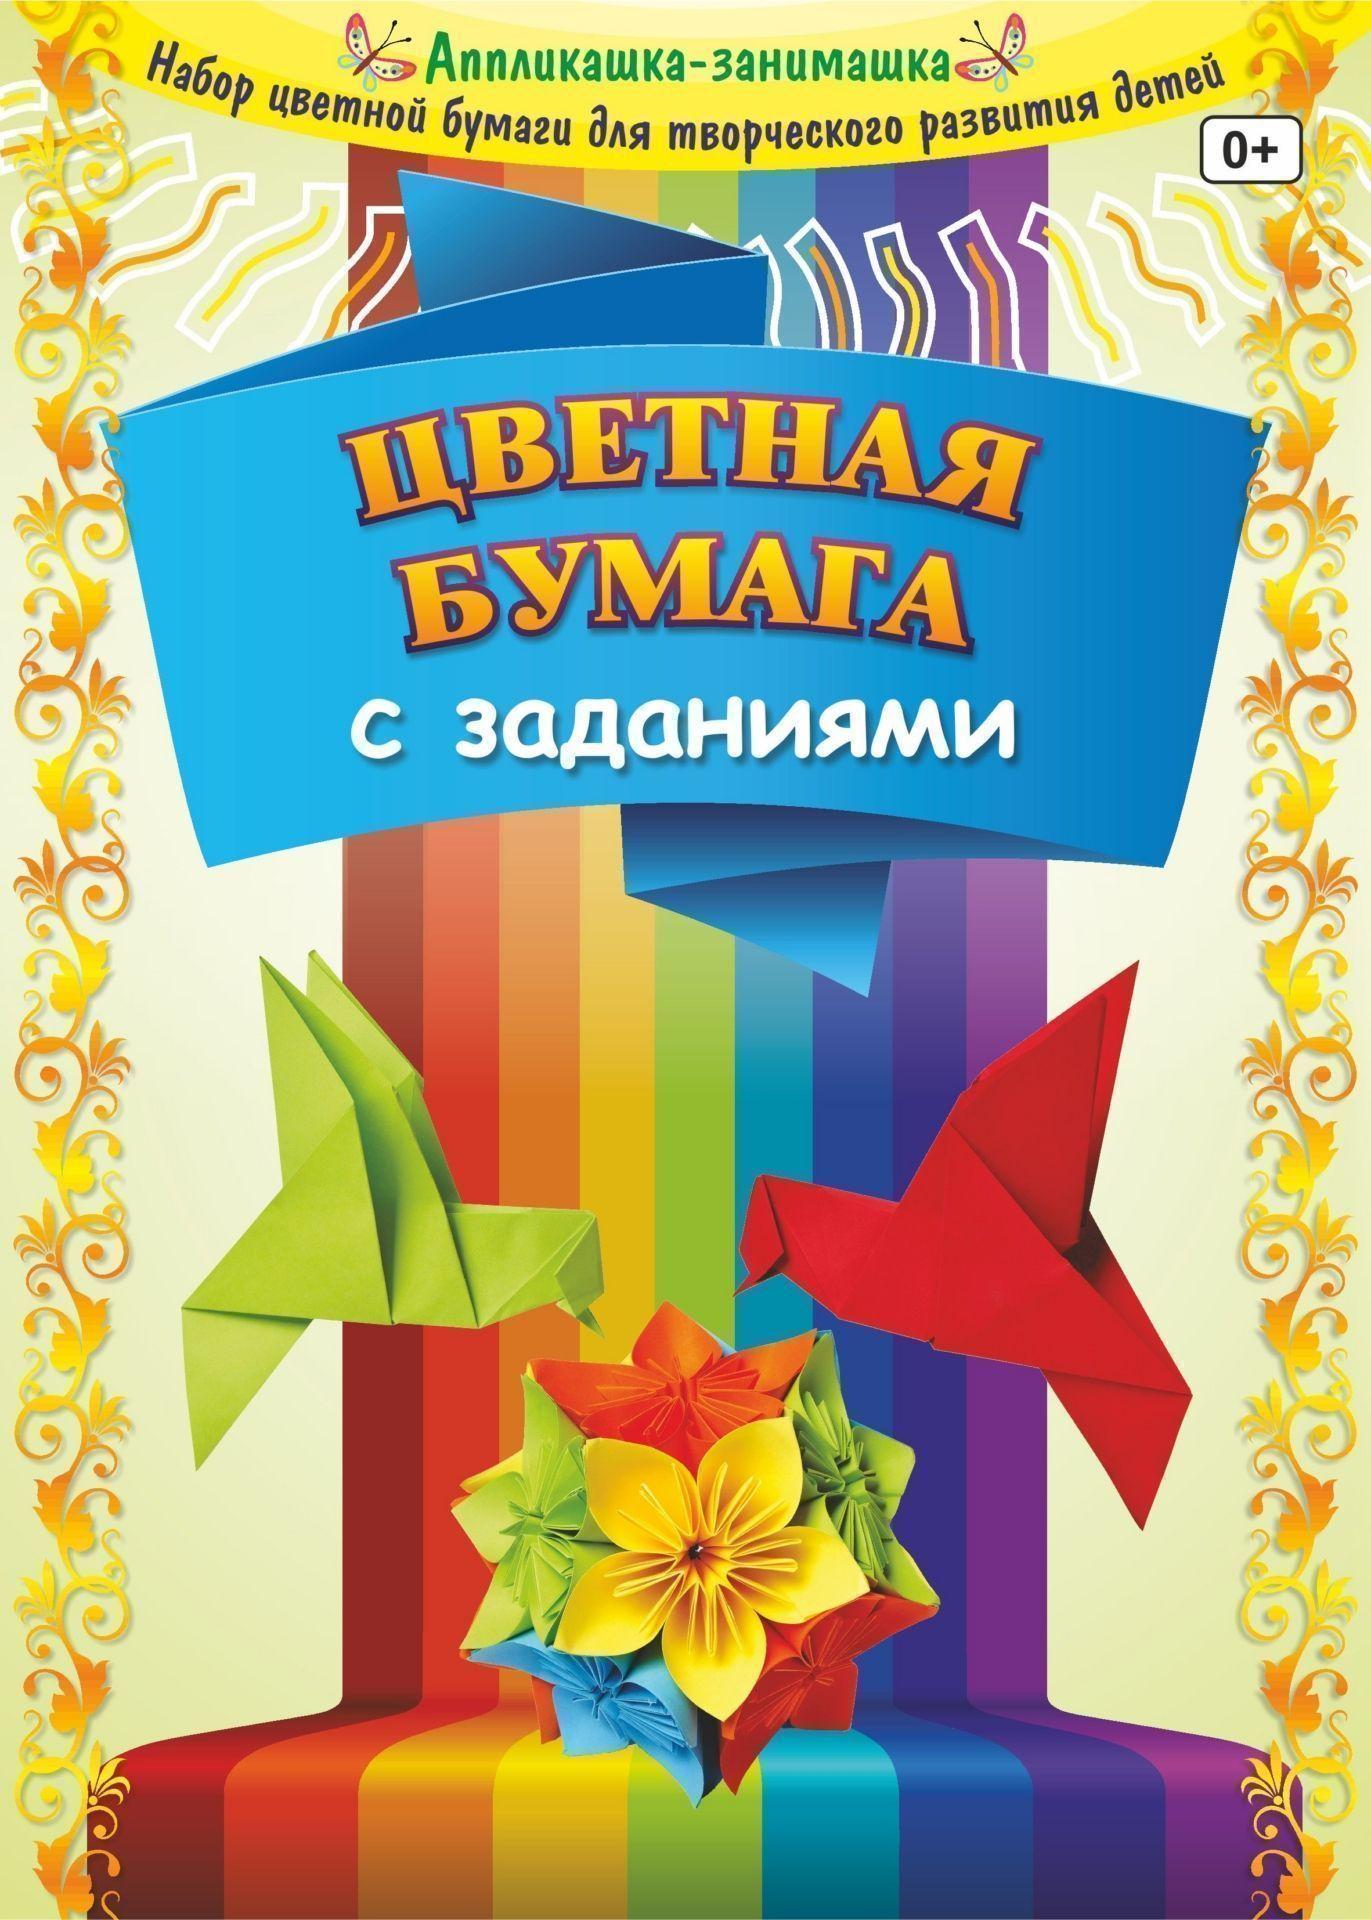 Цветная бумага с заданиями: 8 листов. 8 цветов